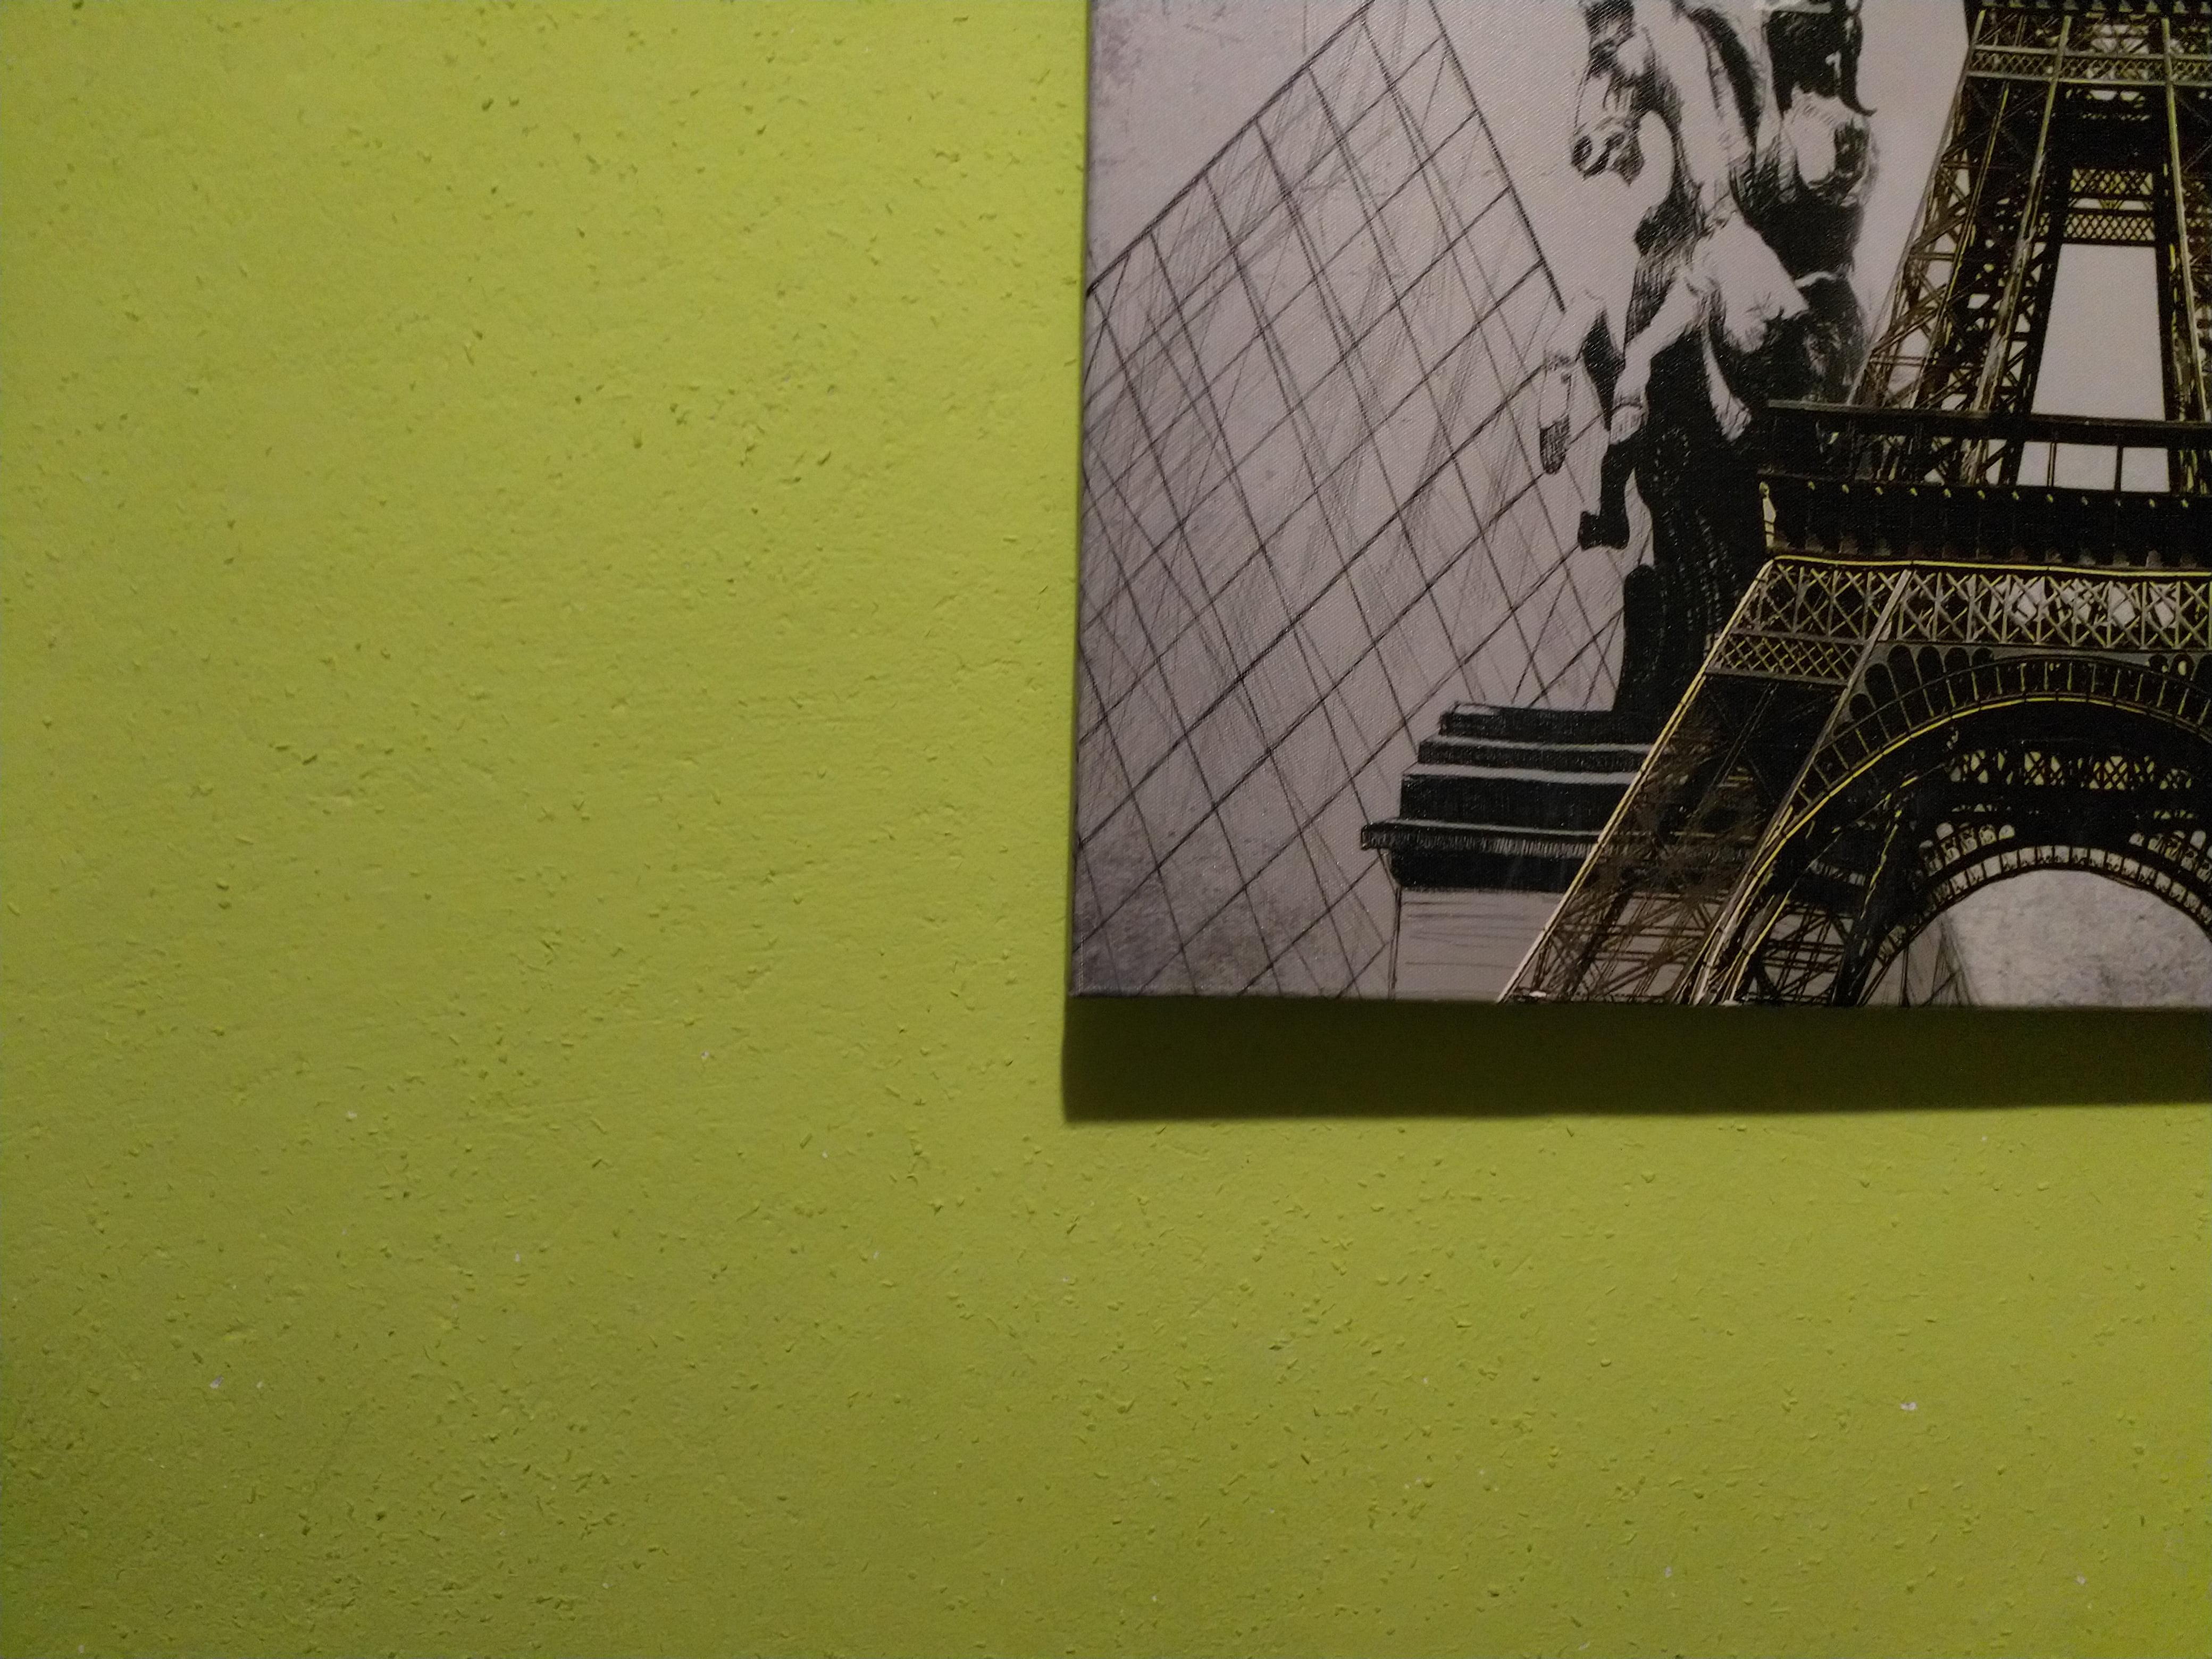 Zdjęcia w pomieszczeniu - Nokia 8